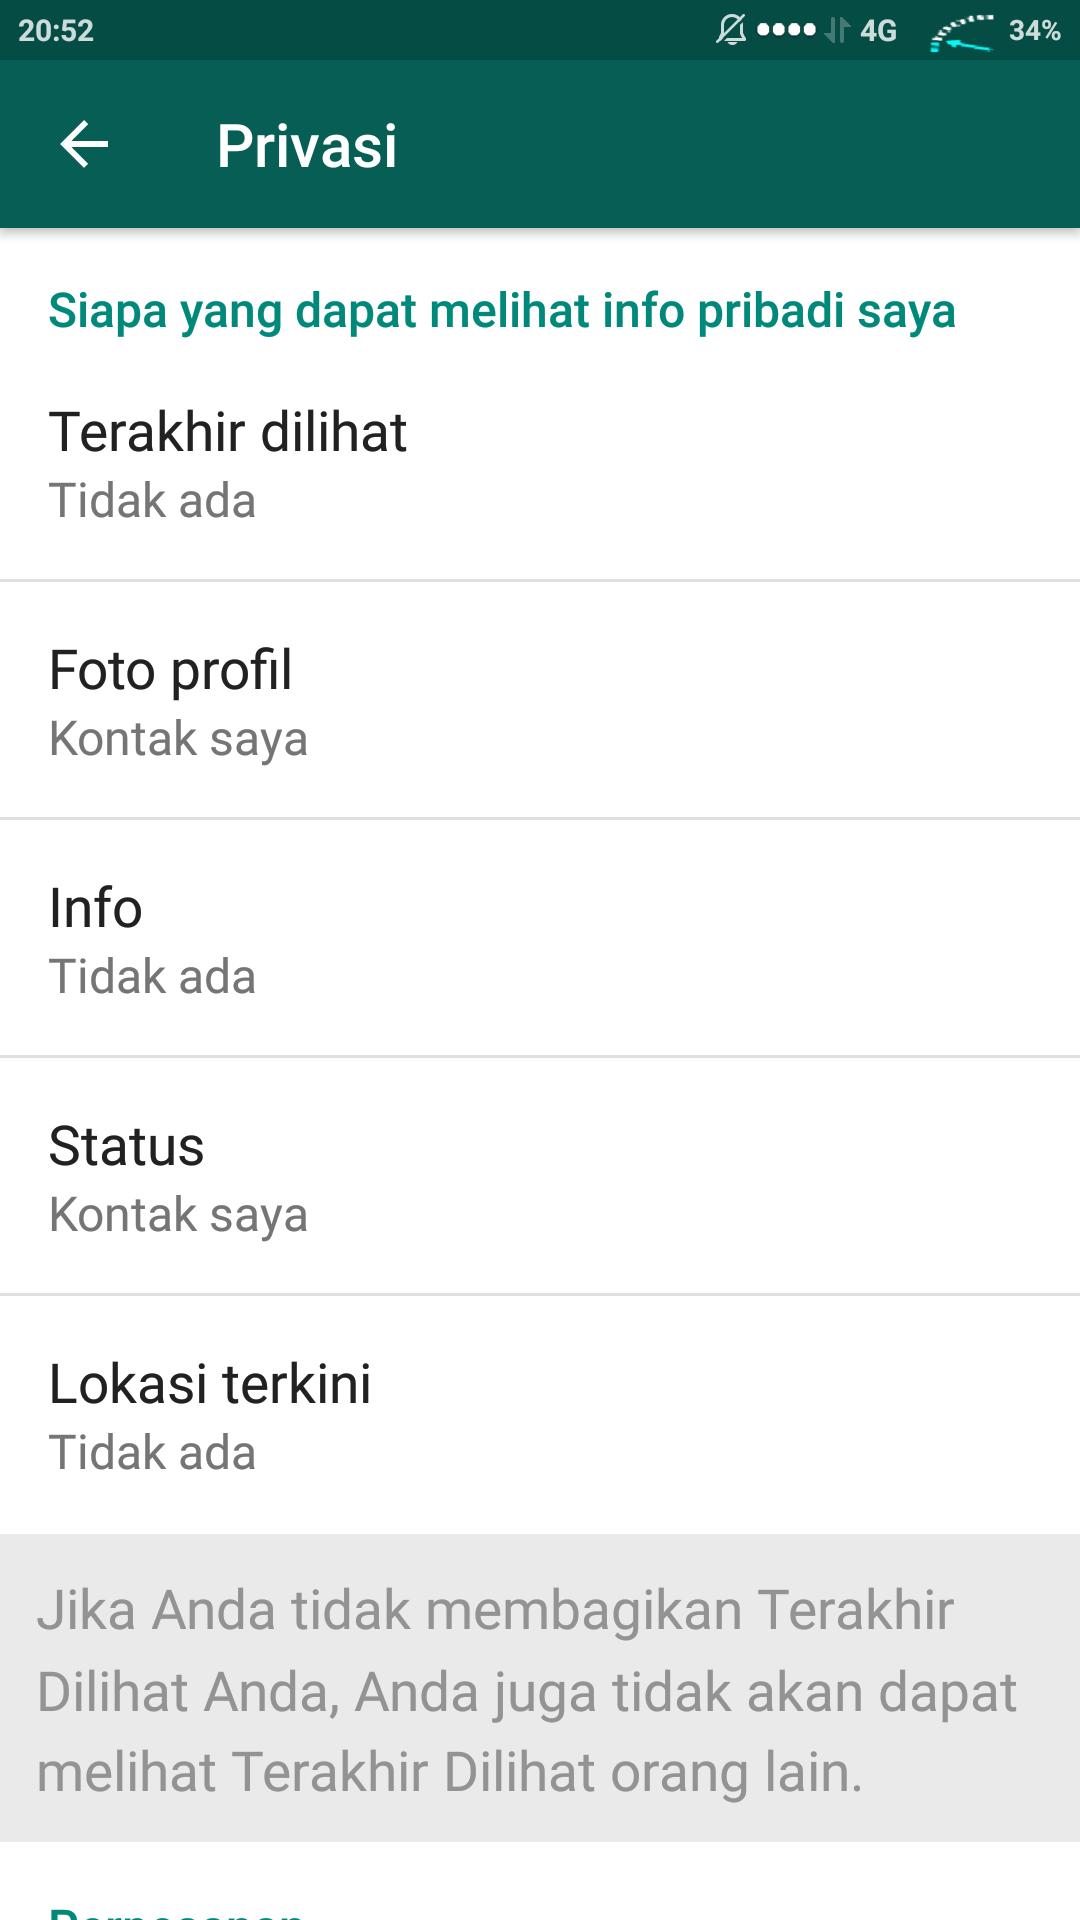 Halaman pengaturan Privasi Whatsapp